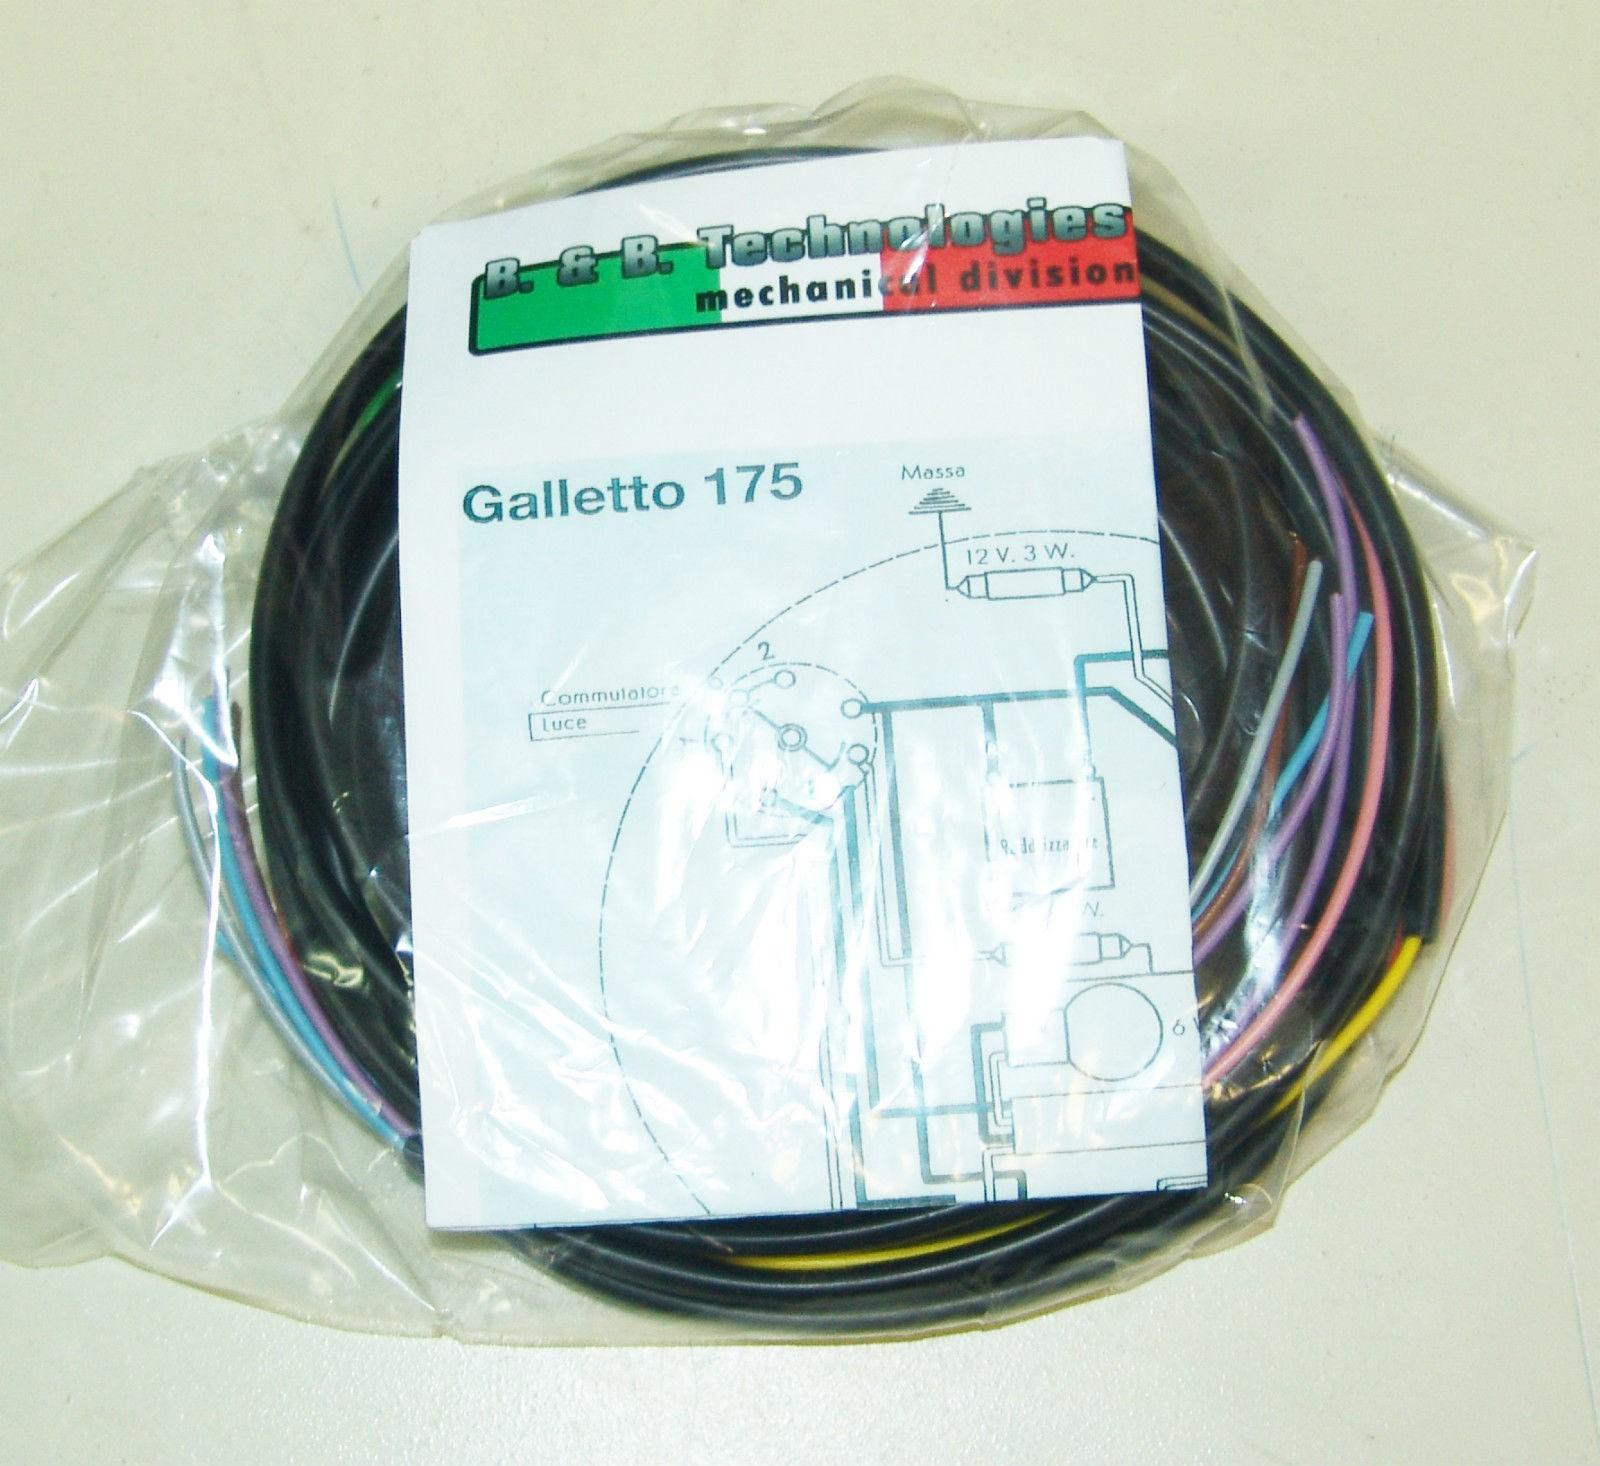 Schemi Elettrici Guzzi : Impianto elettrico electrical wiring moto guzzi galletto